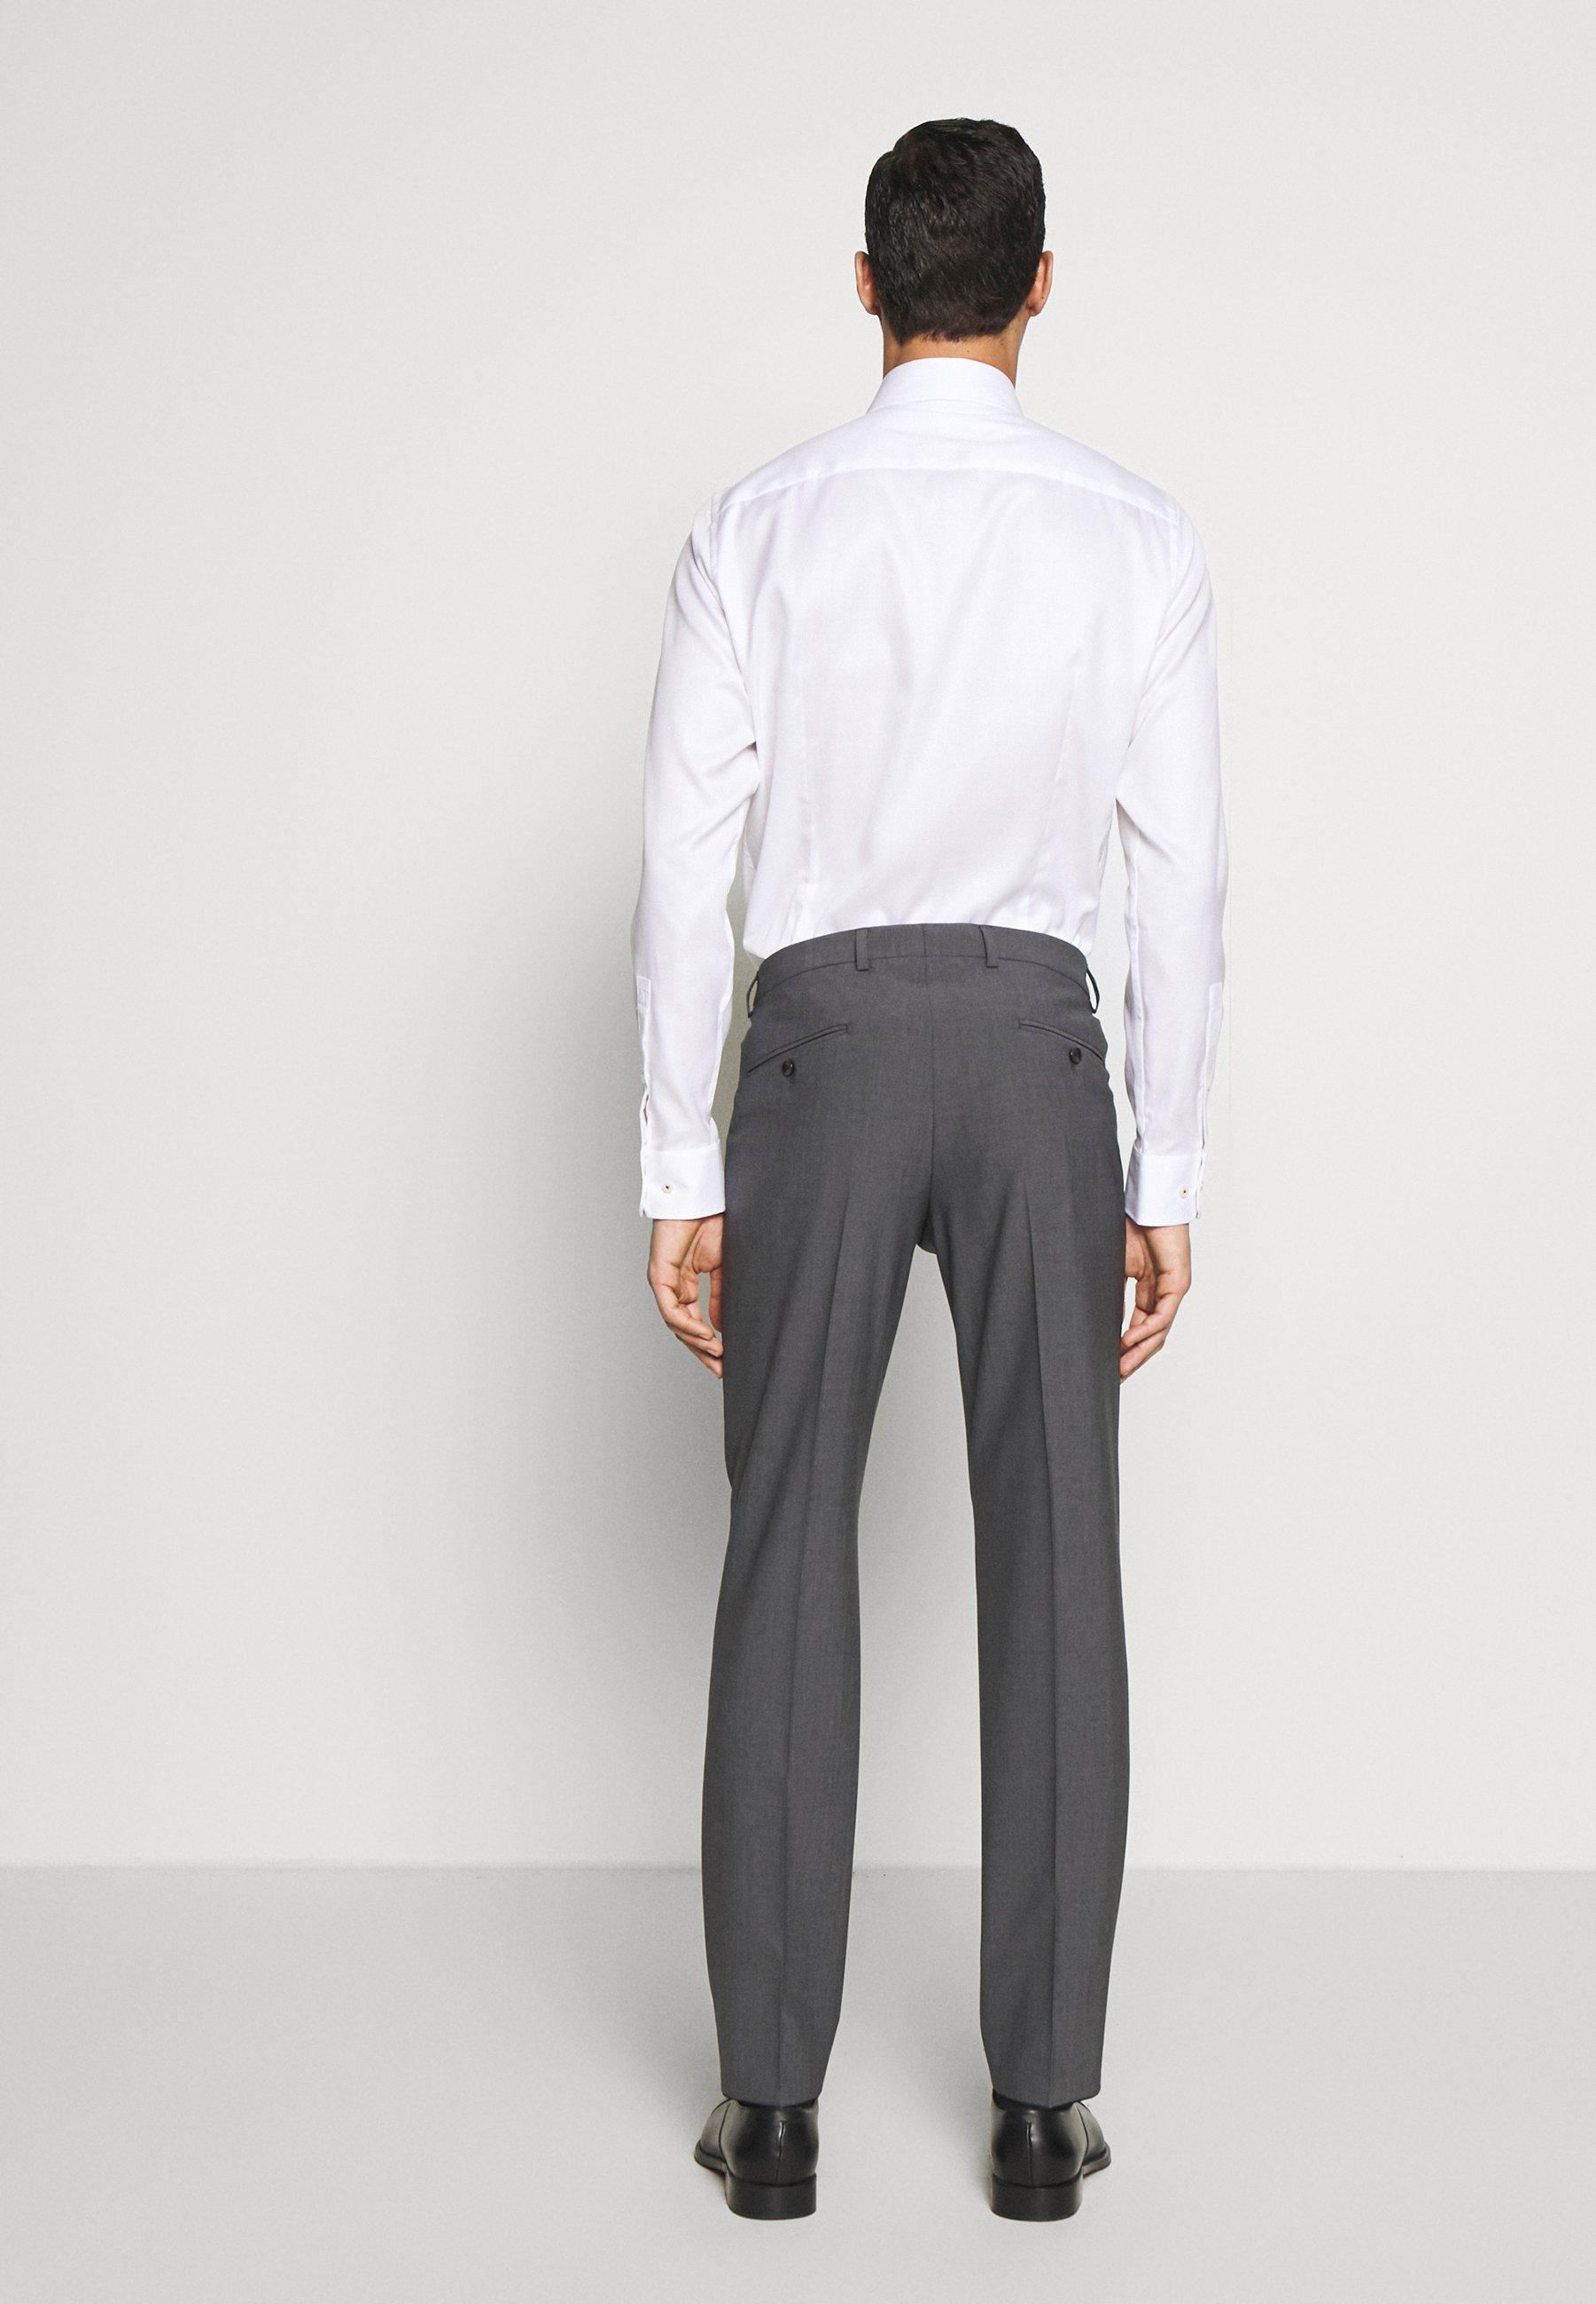 JOOP! HERBY BLAIR STRETCH - Costume - grau